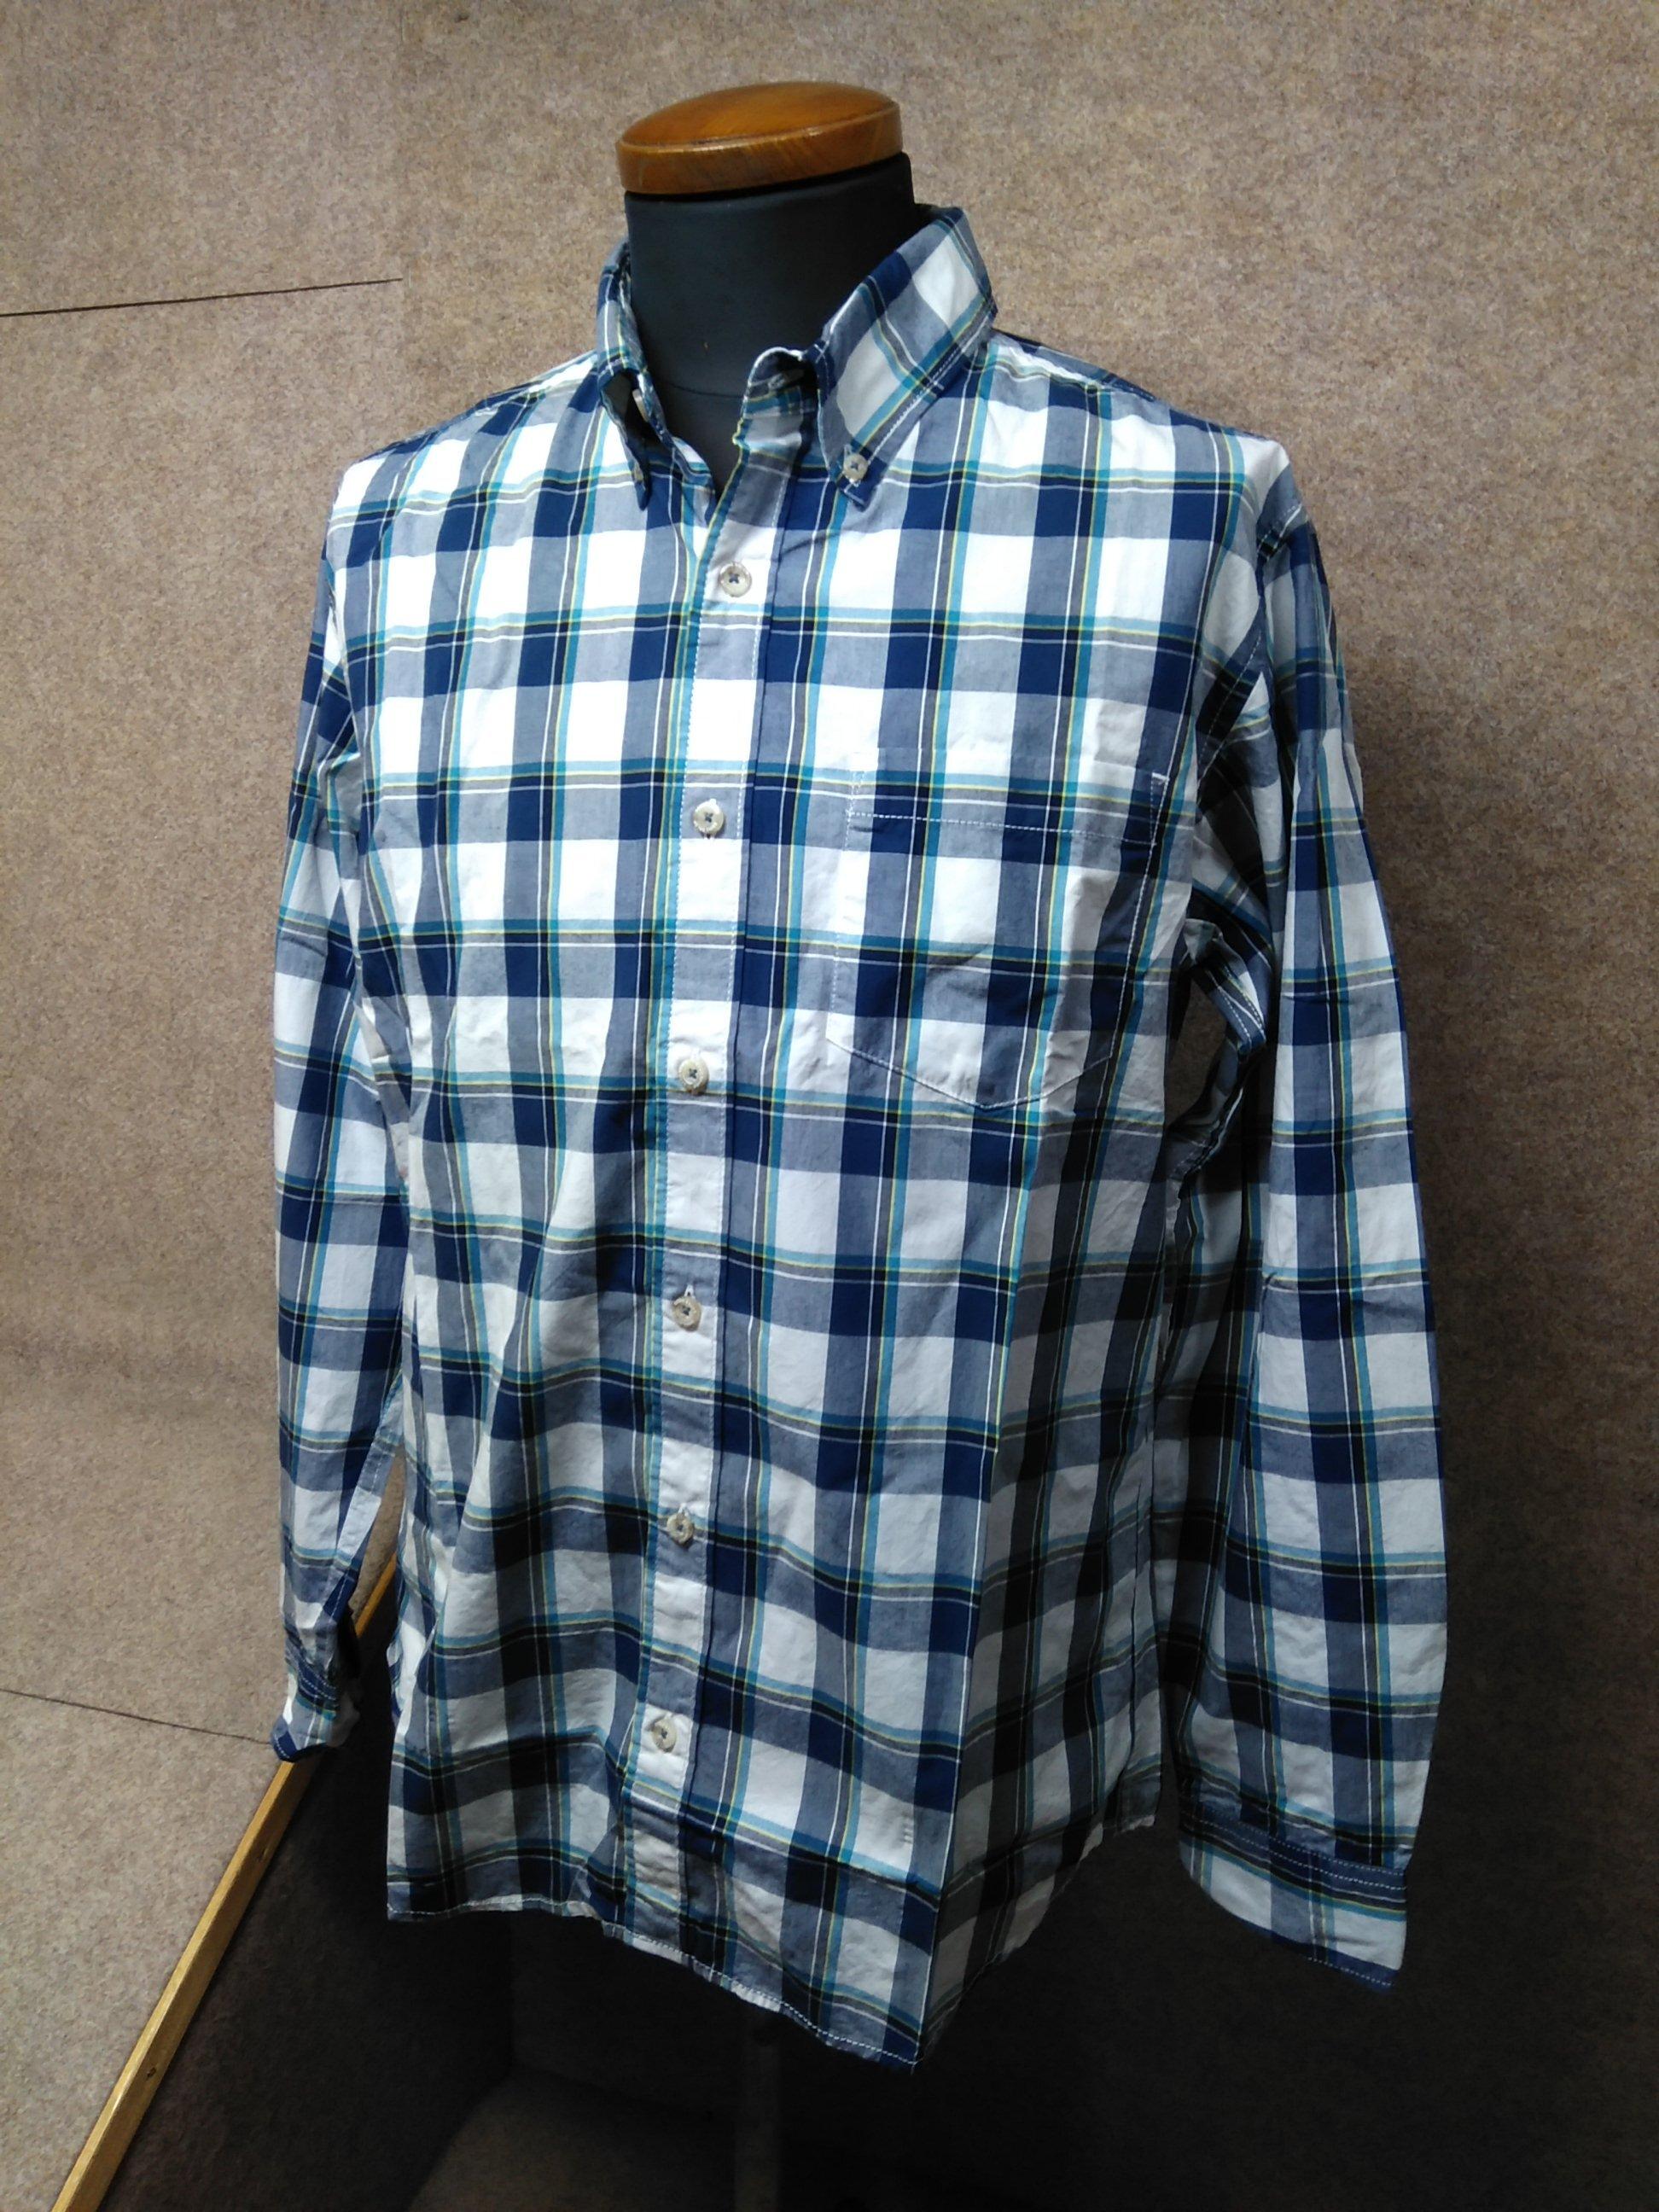 エディーバウアー メンズ ボタンダウンシャツ S ネイビー系 my990c